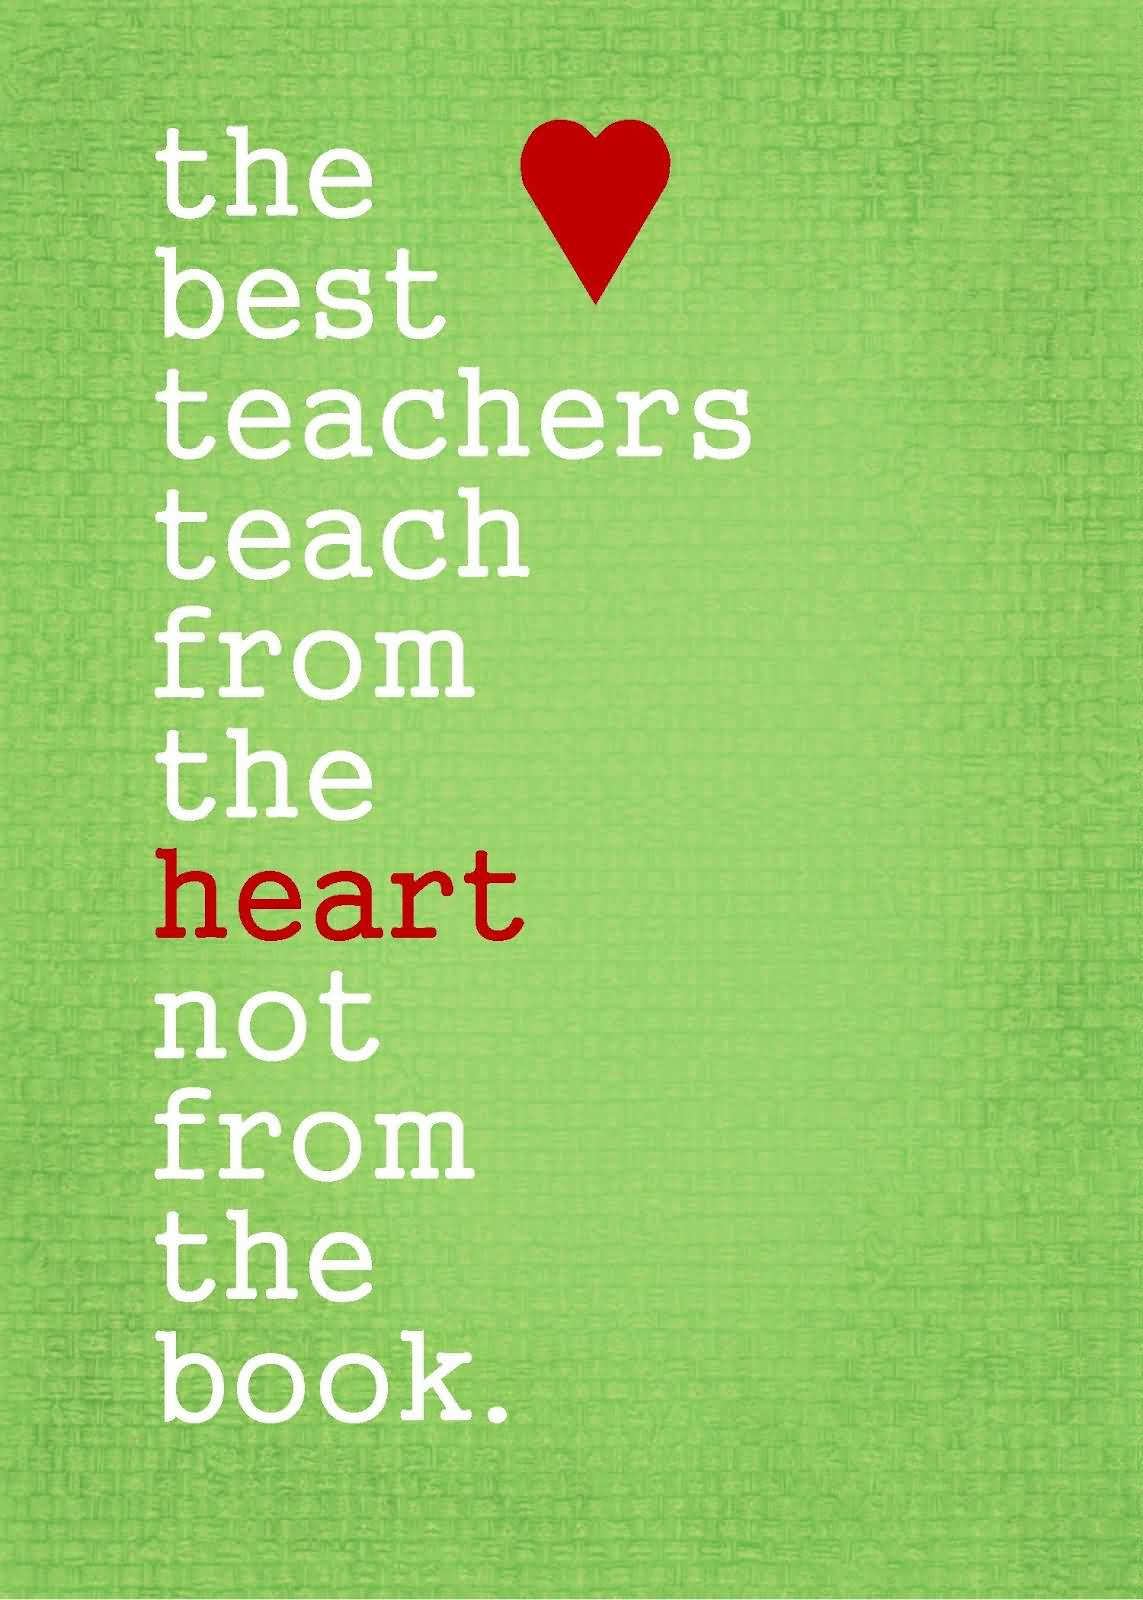 Teach Sayings the best teachers teach from the heart